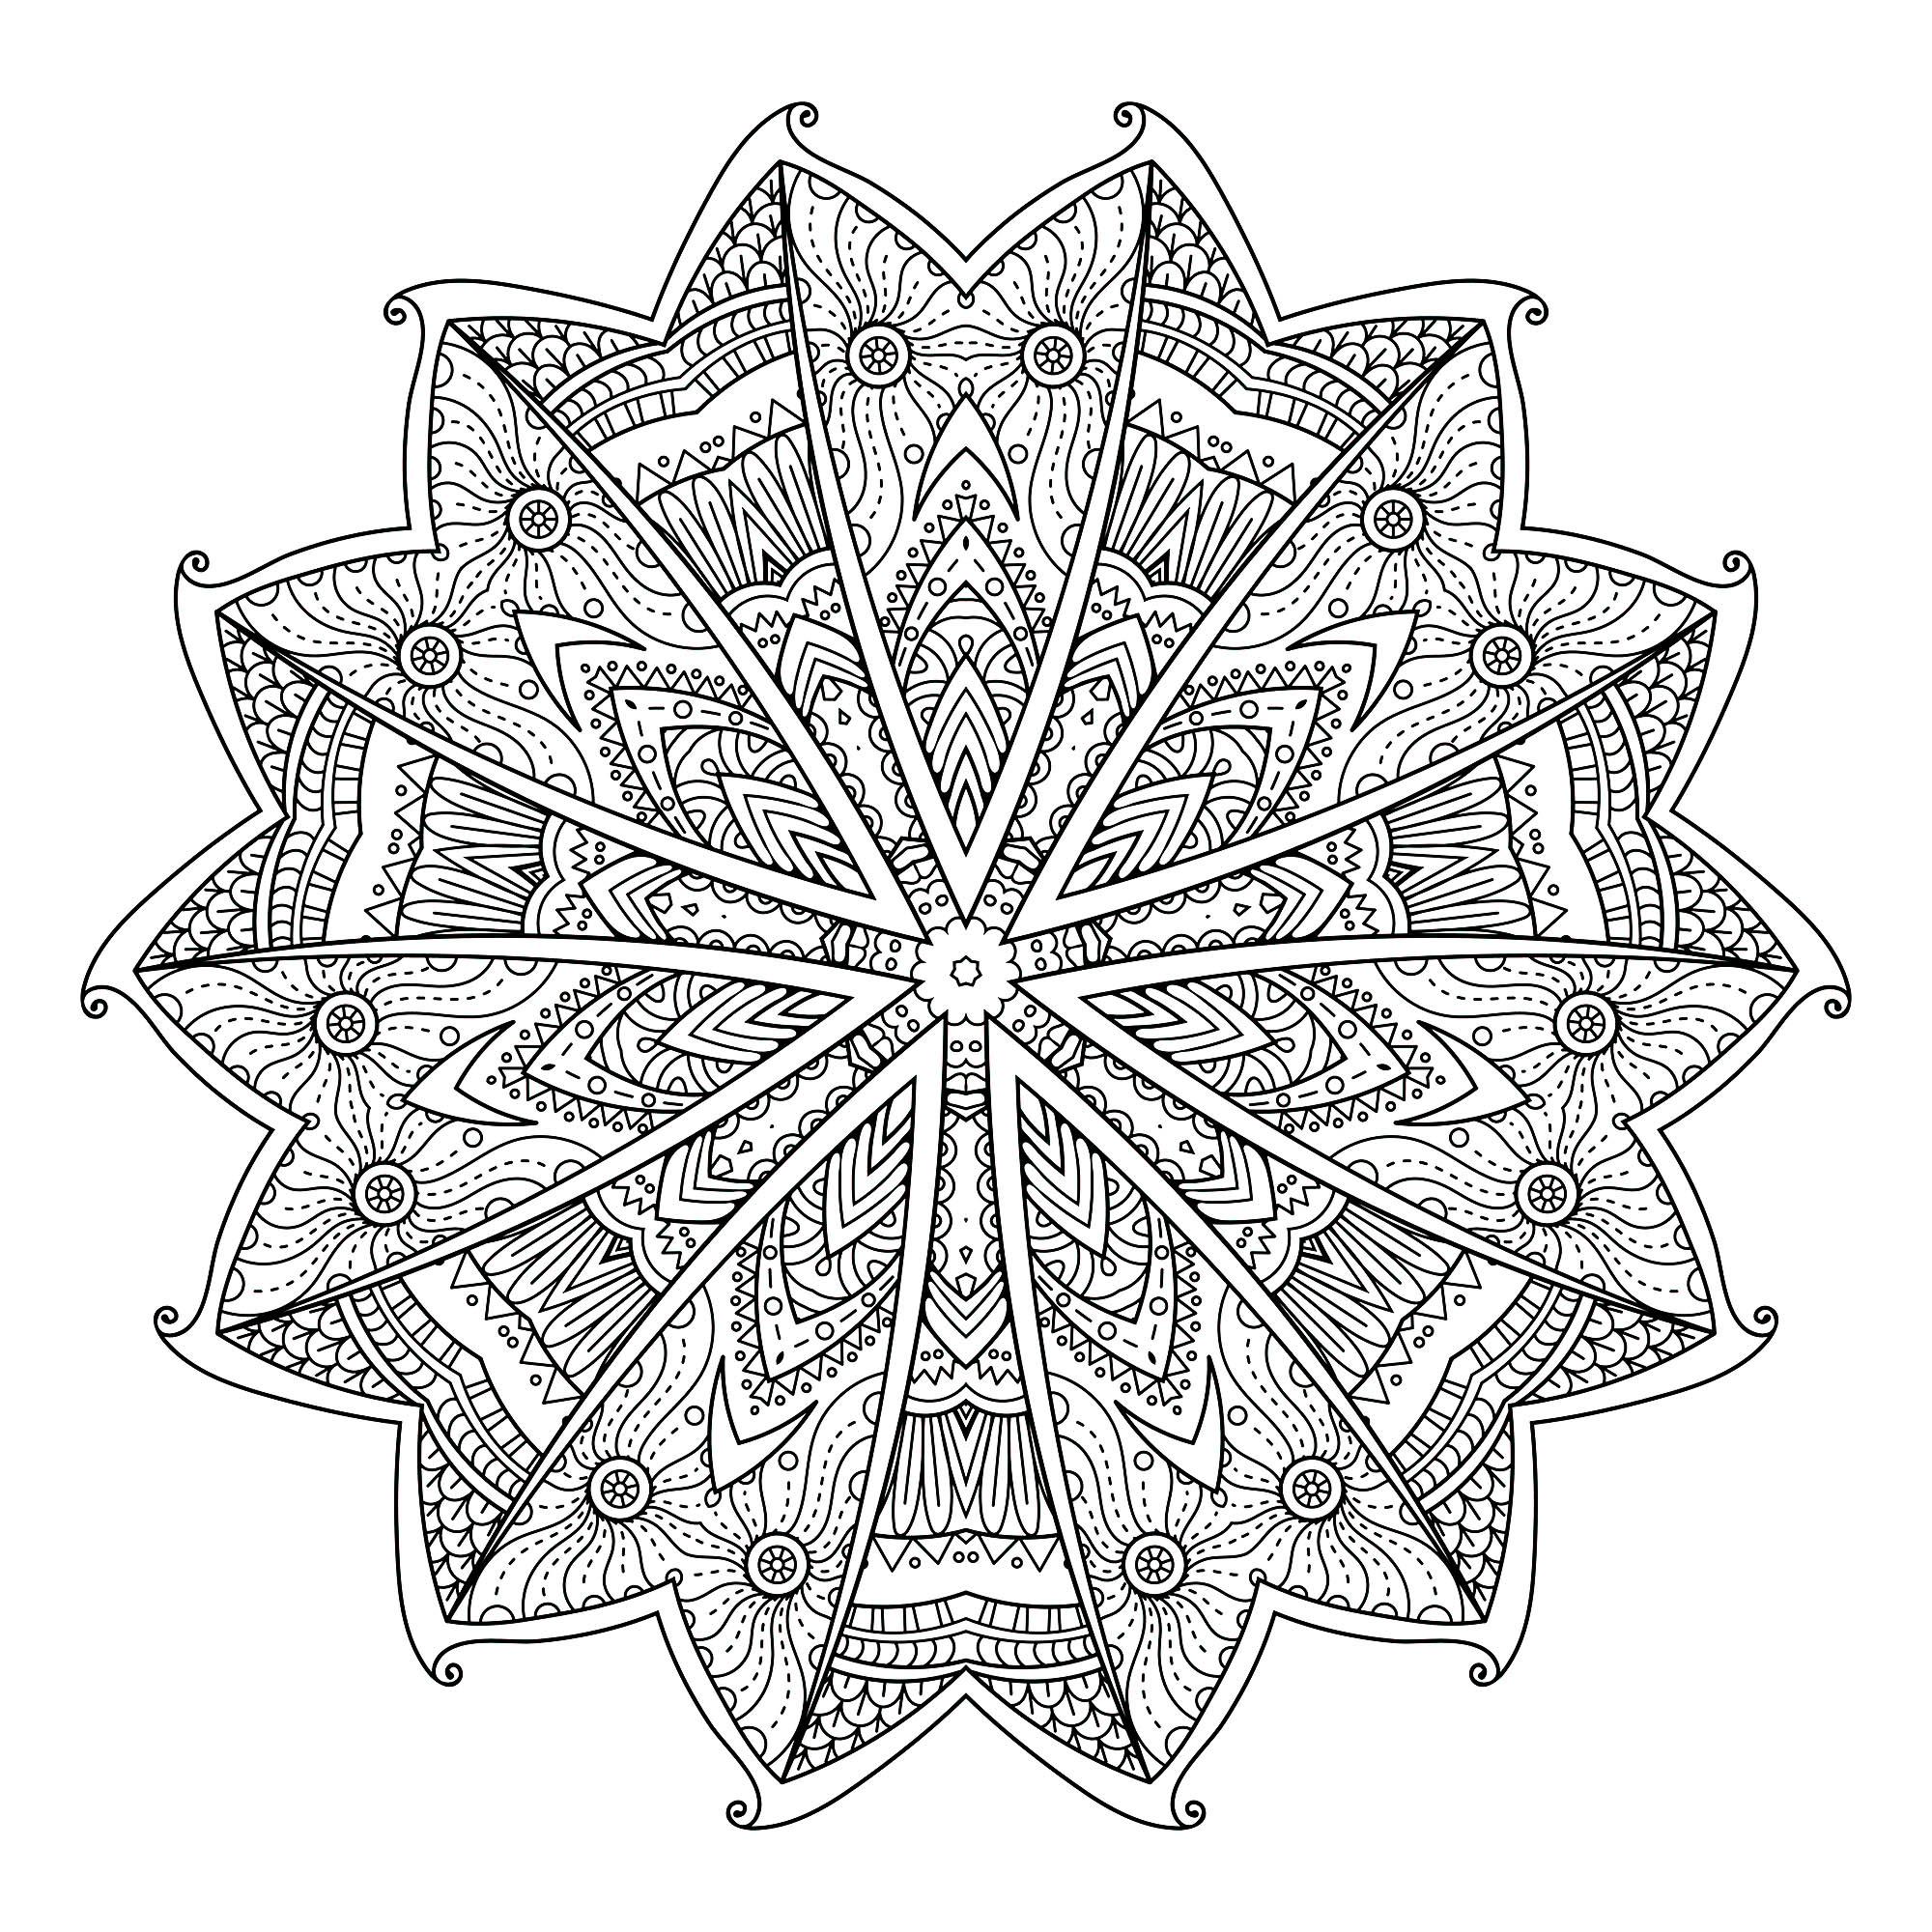 Coloriage De Mandala Etoile.Mandala Etoile Mandalas Coloriages Difficiles Pour Adultes